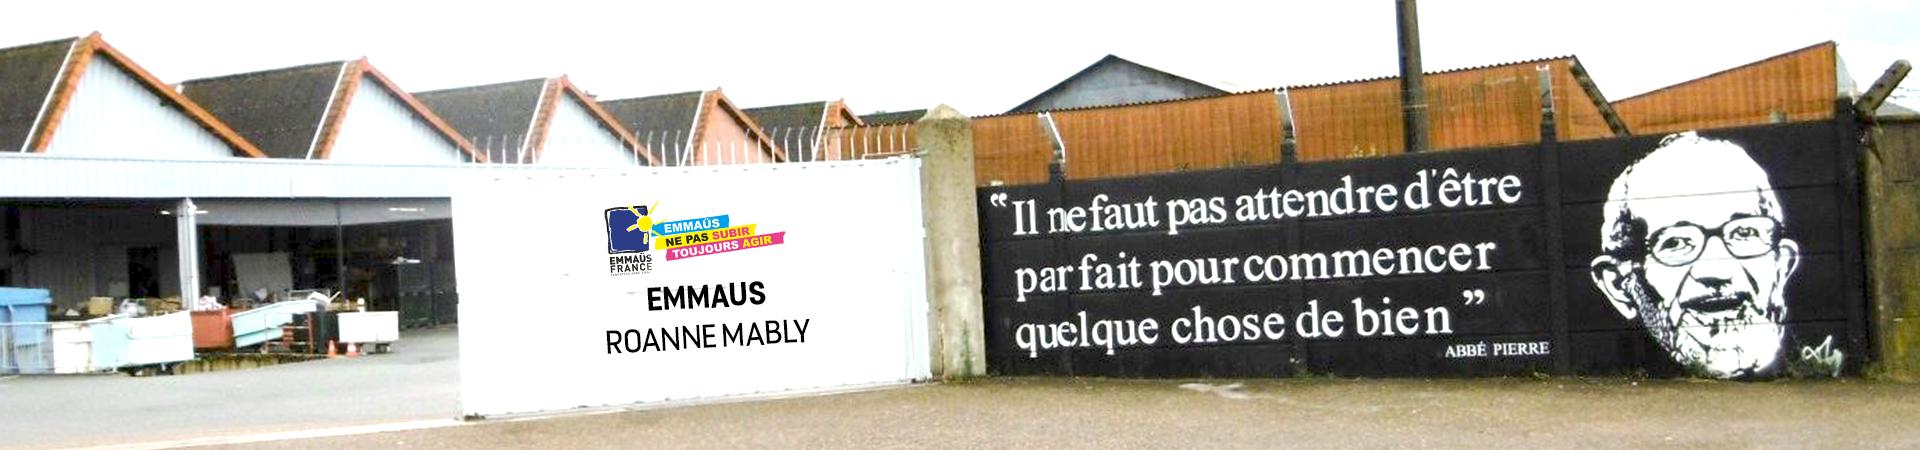 Roanne Boutique Mably Comité D'amis Solidaire Emmaüs 6PqnvfHx